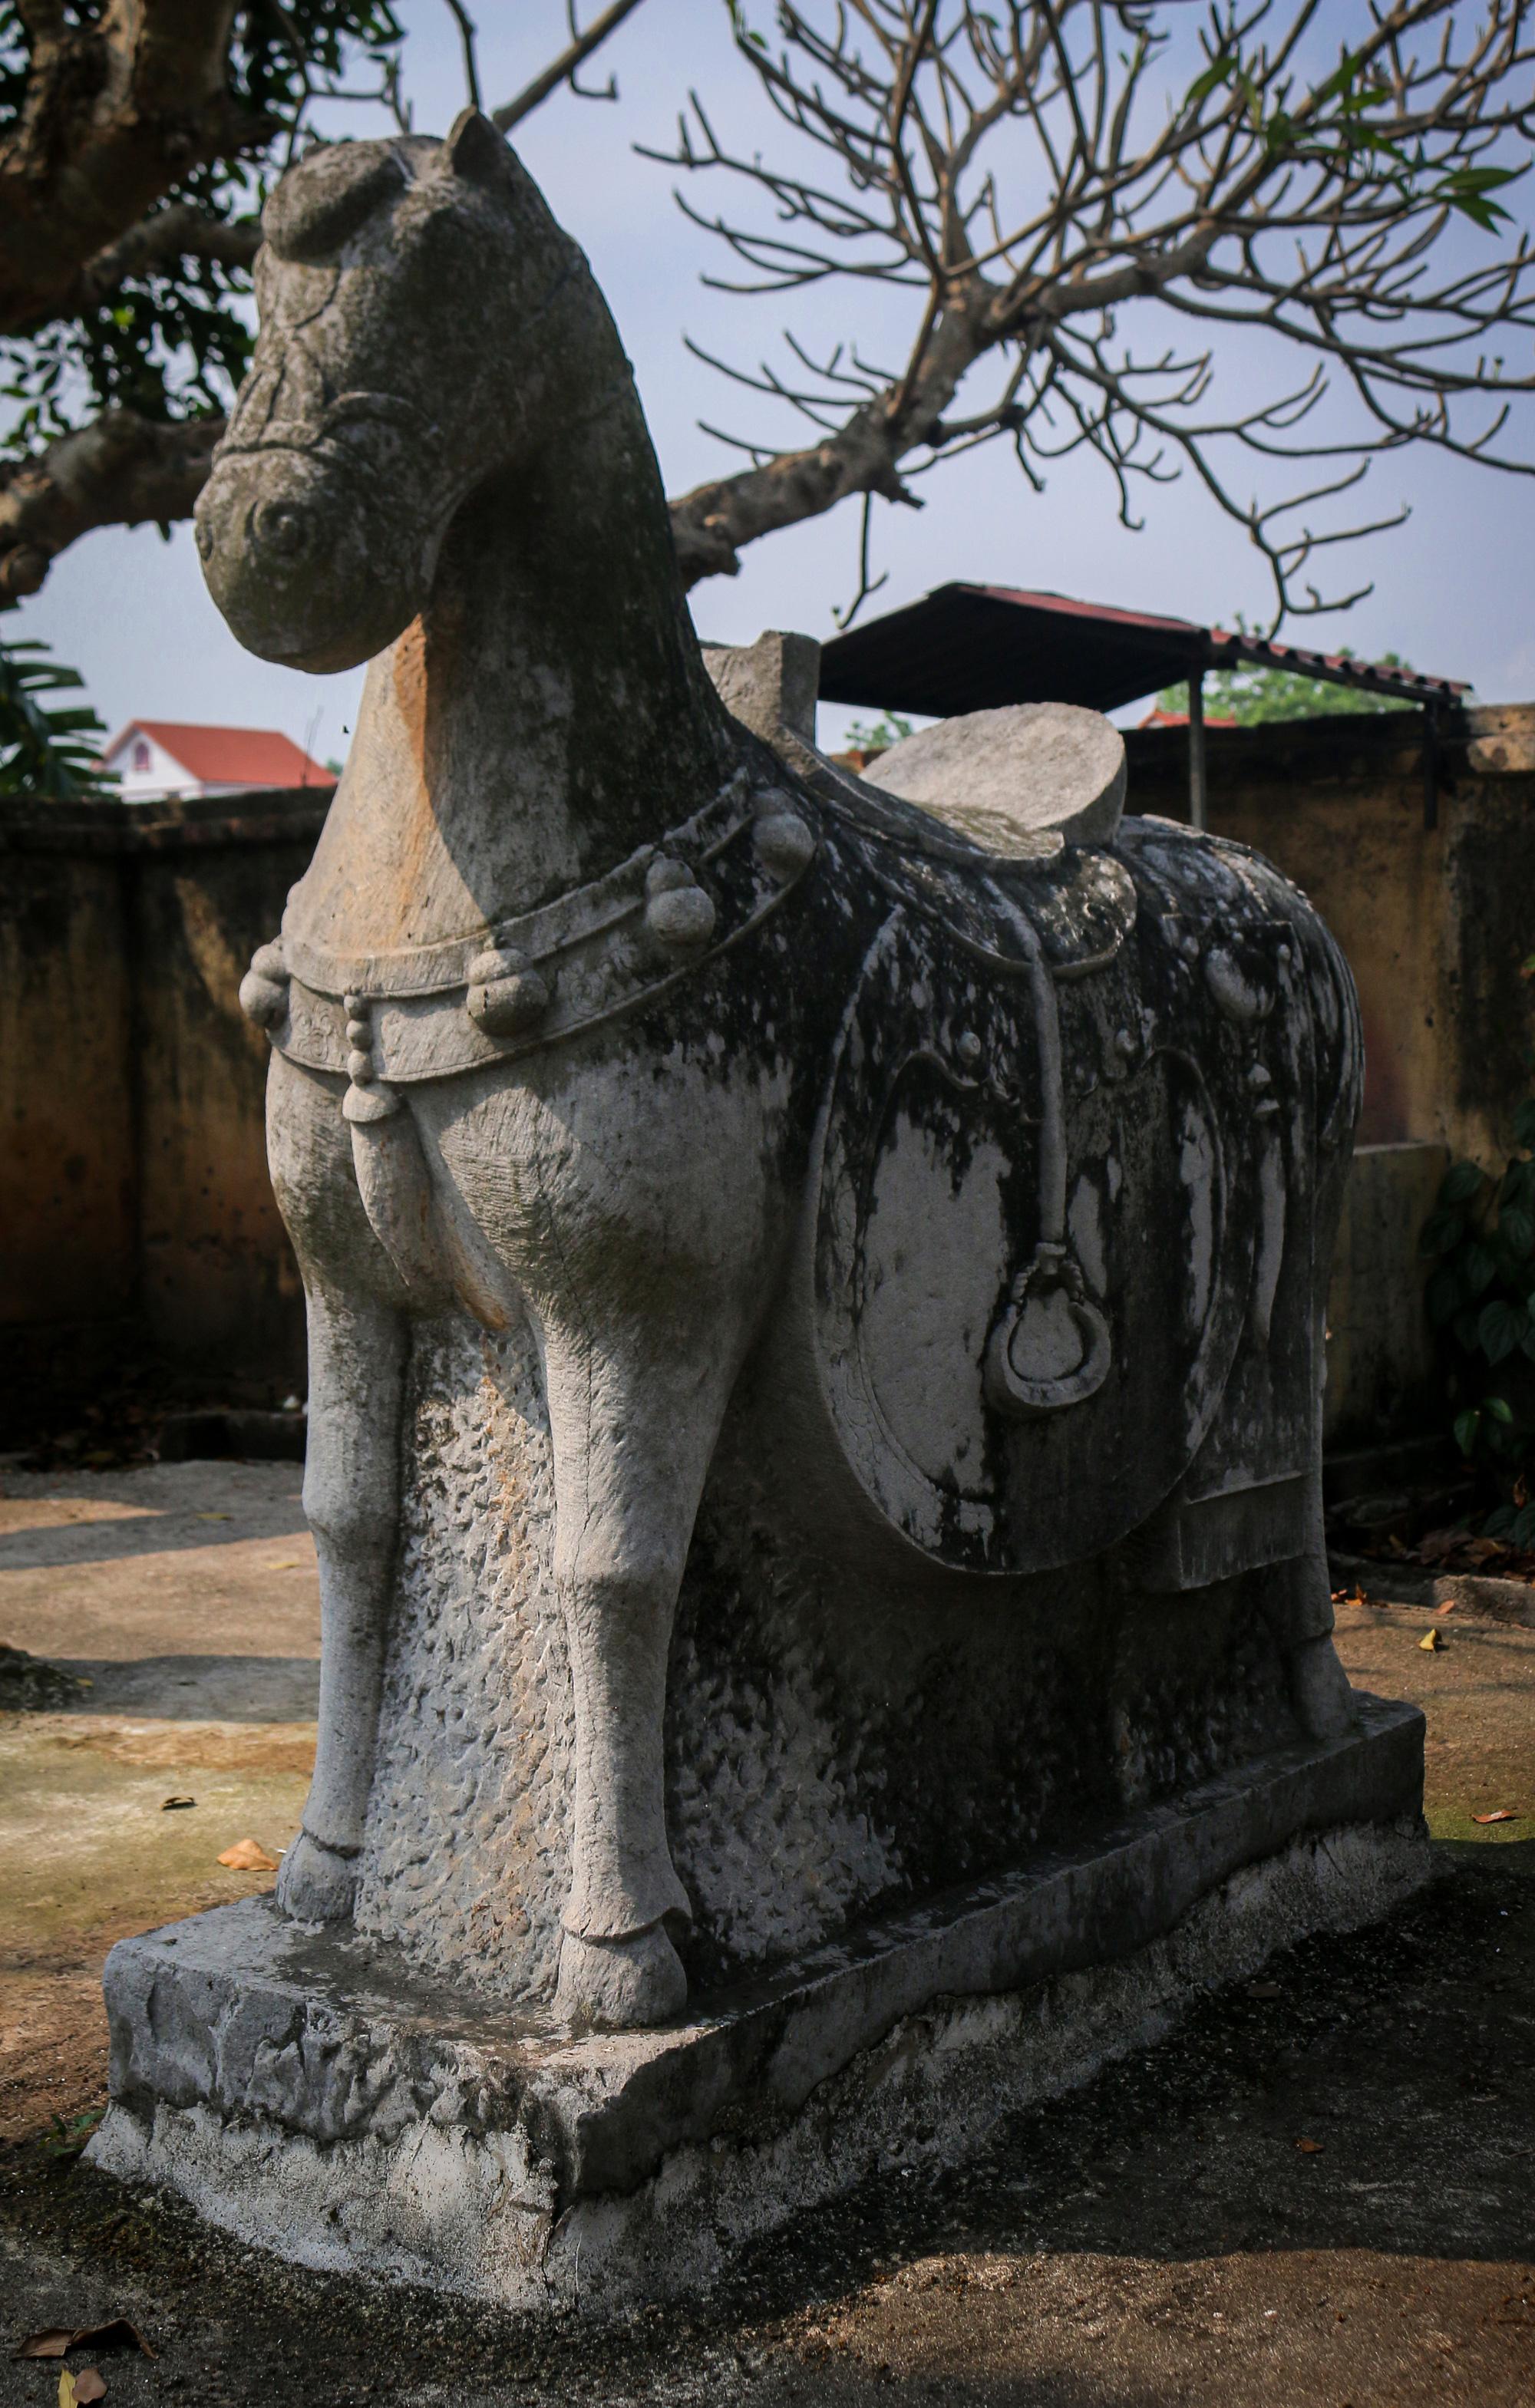 Đền đá Phú Đa: Nét kiến trúc độc đáo tồn tại hơn 300 năm lịch sử - Ảnh 19.